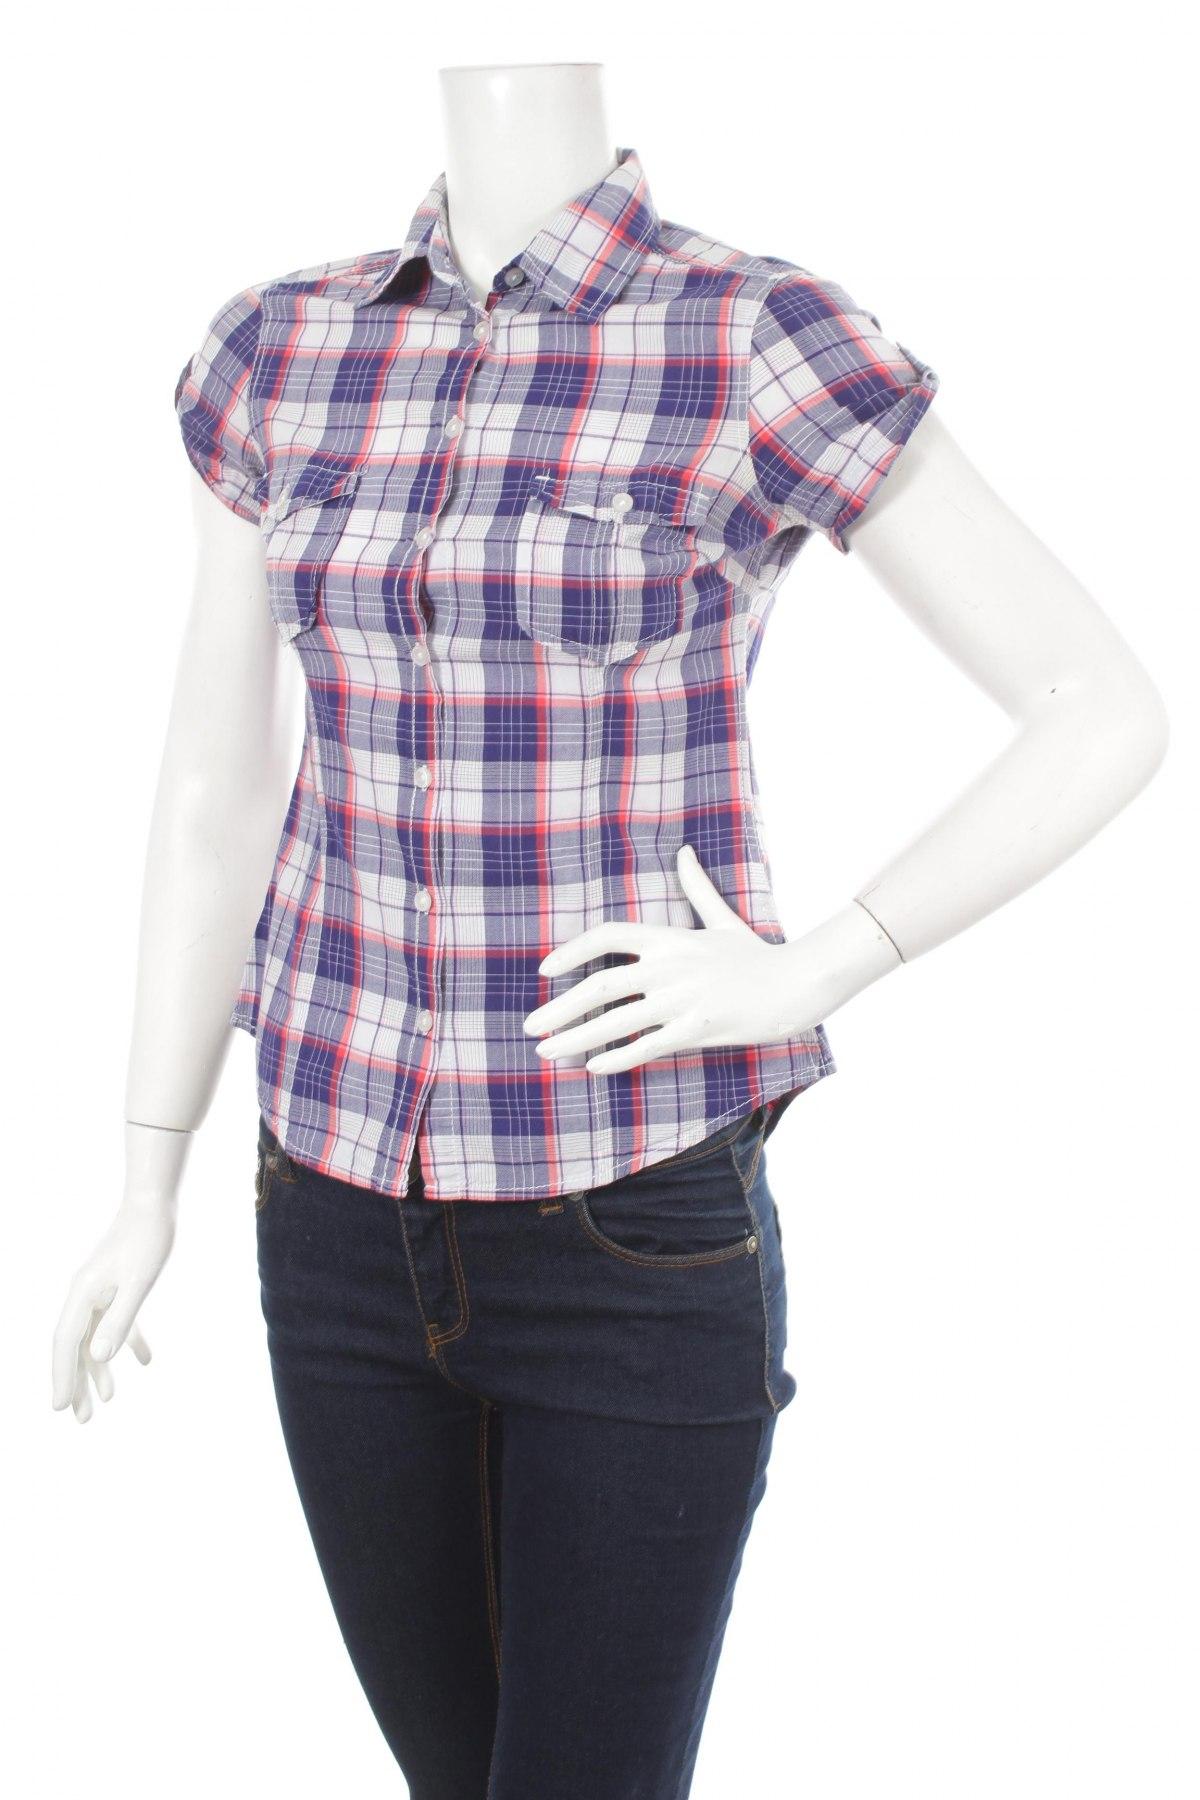 Γυναικείο πουκάμισο H&M L.o.g.g, Μέγεθος S, Χρώμα Πολύχρωμο, Βαμβάκι, Τιμή 10,82€